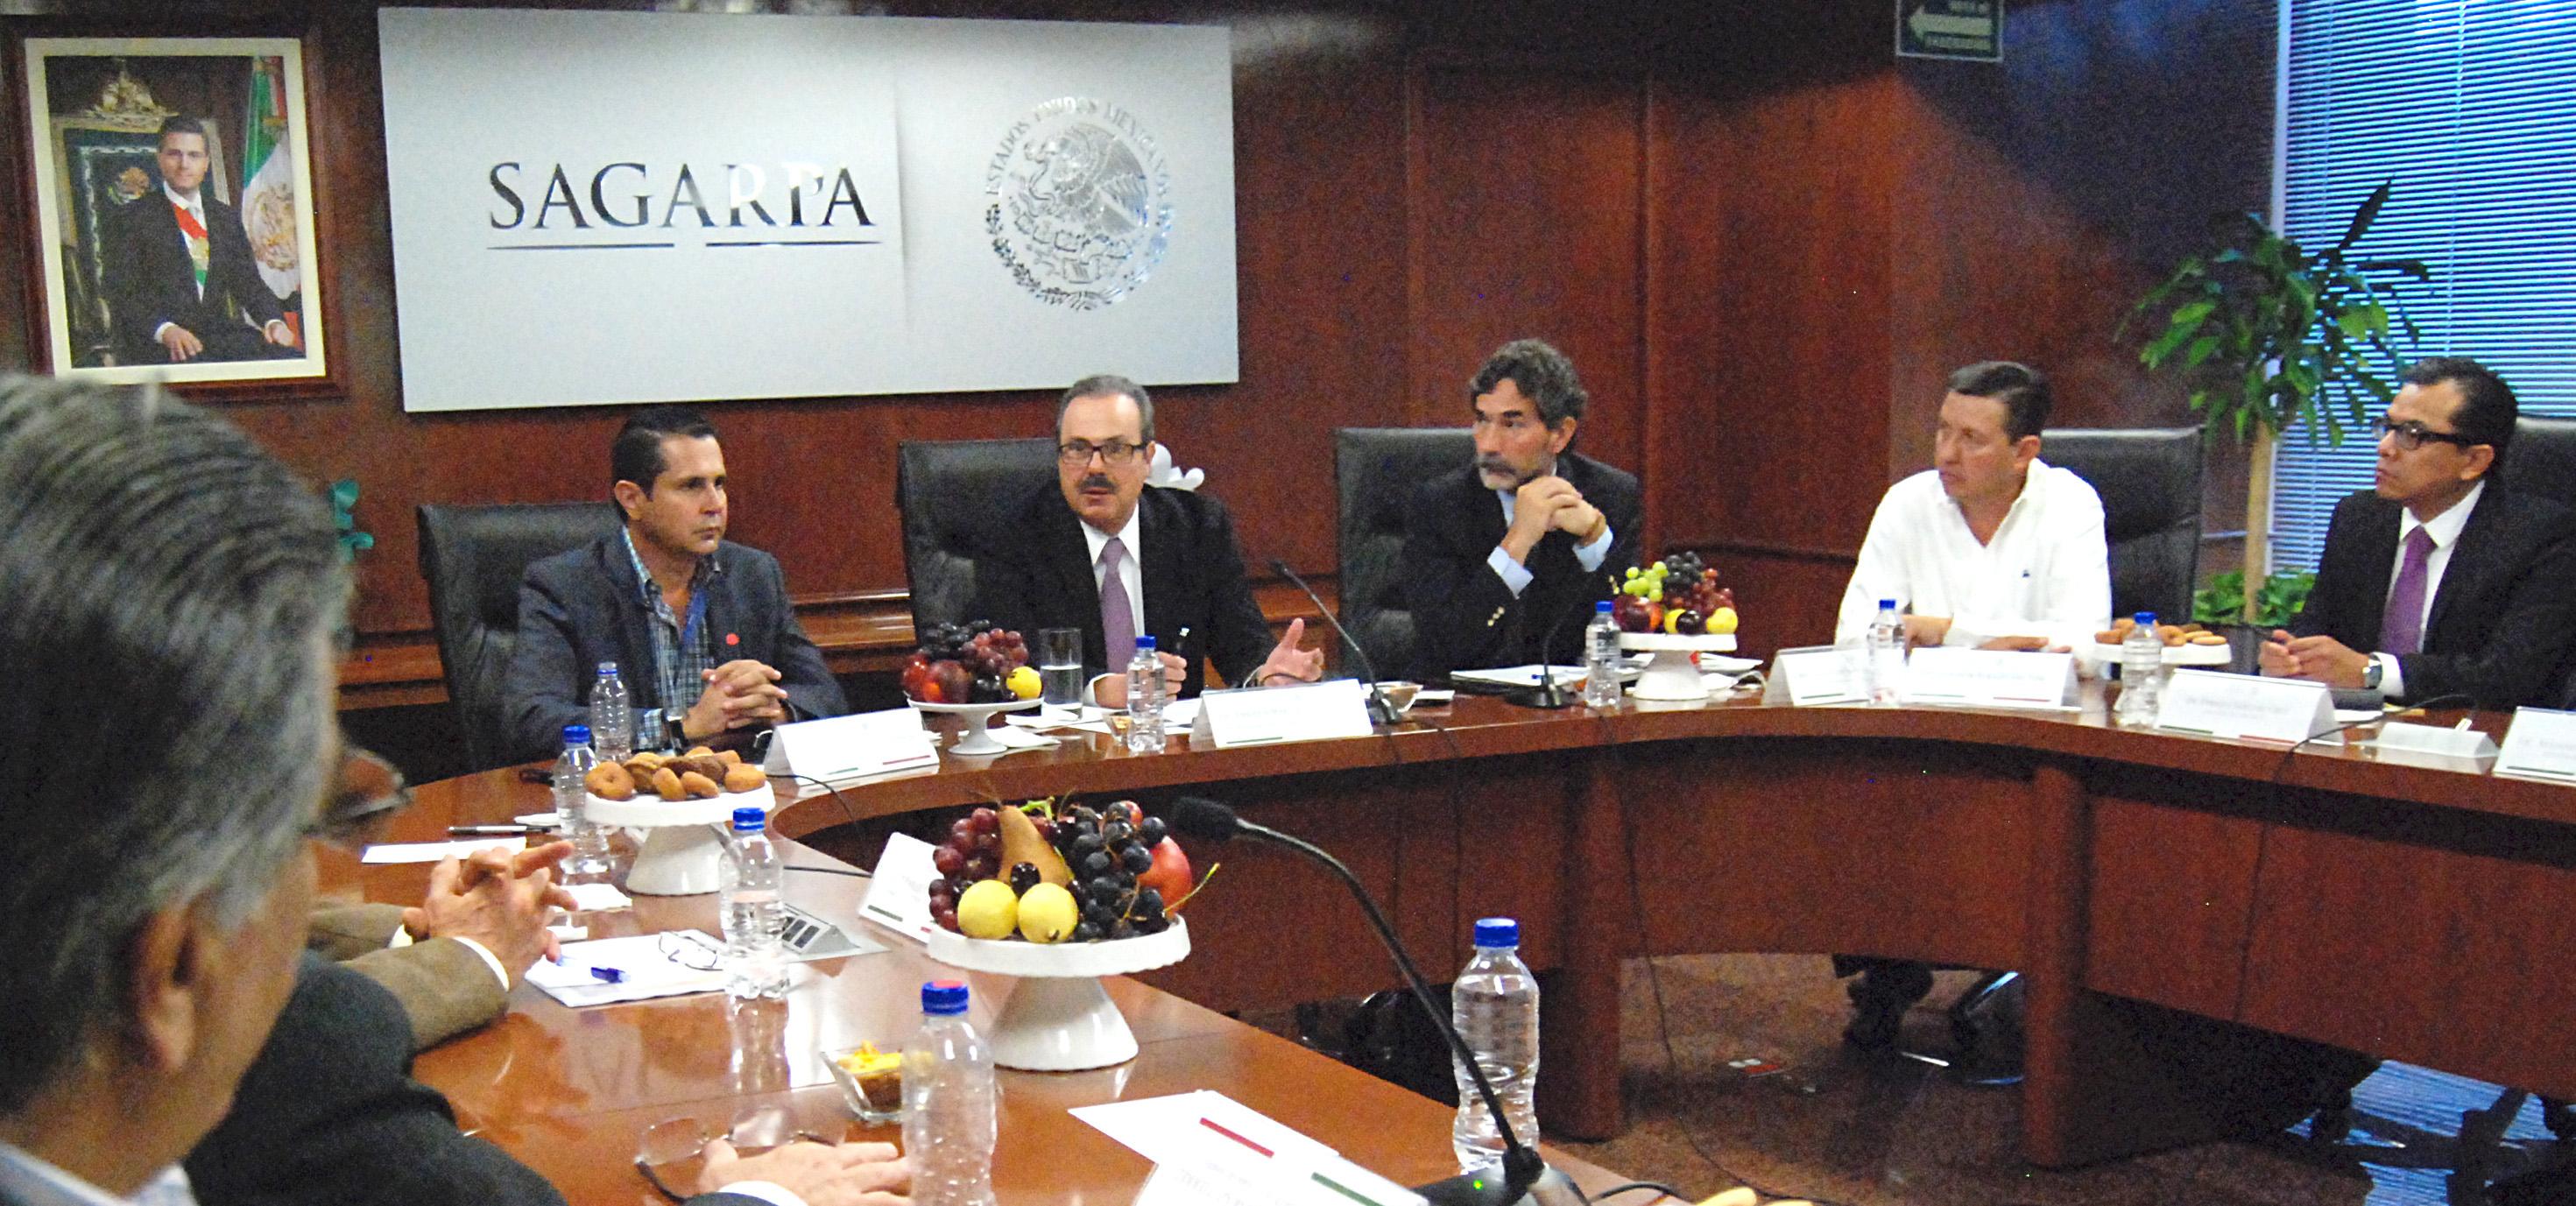 Durante una reunión de trabajo con productores y empresarios de la Organización de Porcicultores del País (OPORPA), el titular de la SAGARPA señaló que para el Gobierno de la República el sector agropecuario y pesquero es estratégico y prioritario.